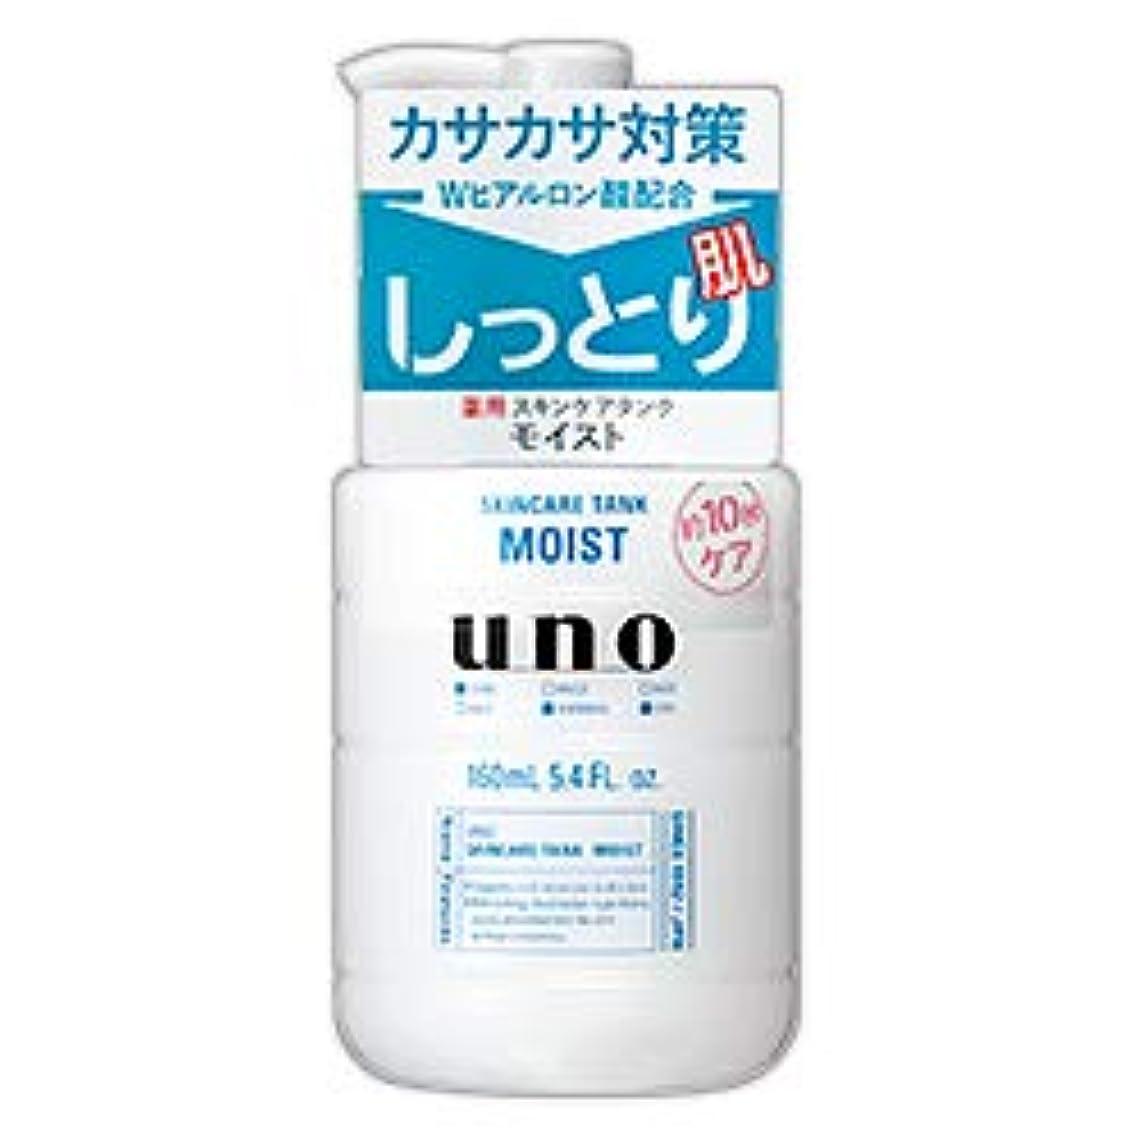 エミュレートするコンバーチブル苦悩【資生堂】ウーノ(uno) スキンケアタンク (しっとり) 160mL ×4個セット